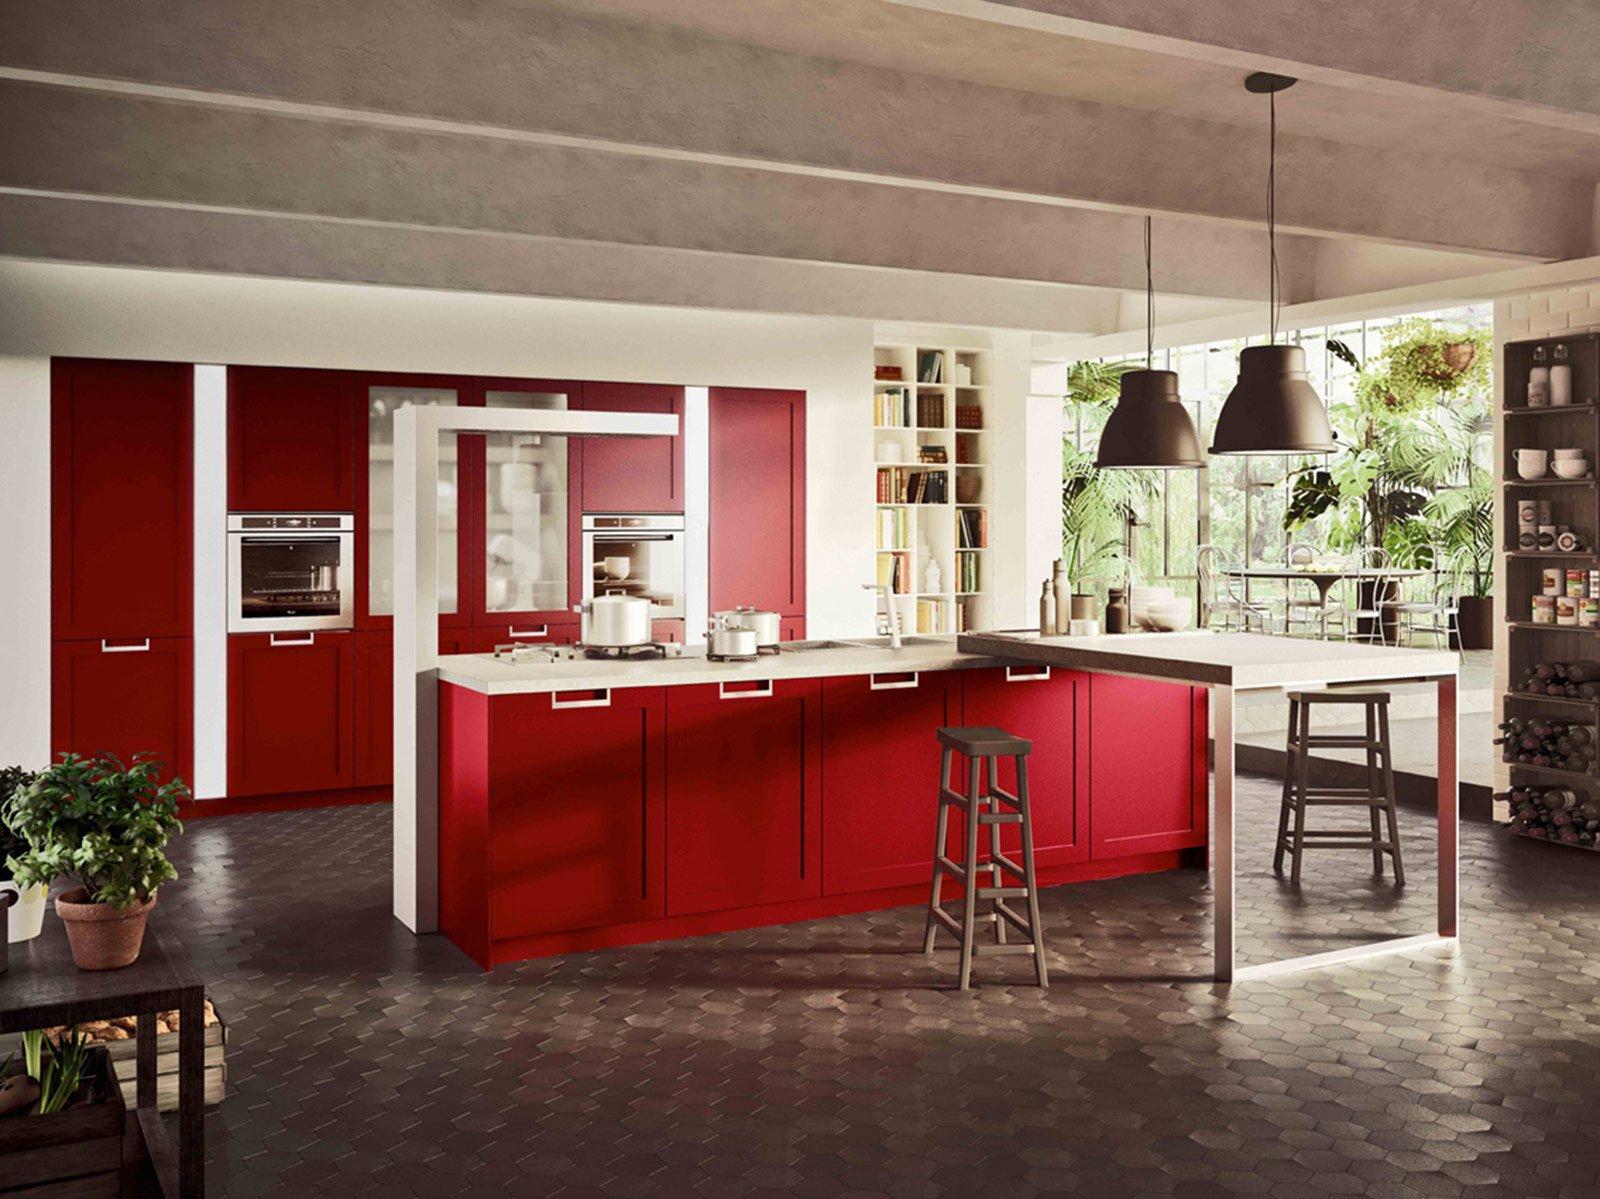 cucine: colori fluo per arredarla - cose di casa - Colore Rosso Ambienti Classici Moderni